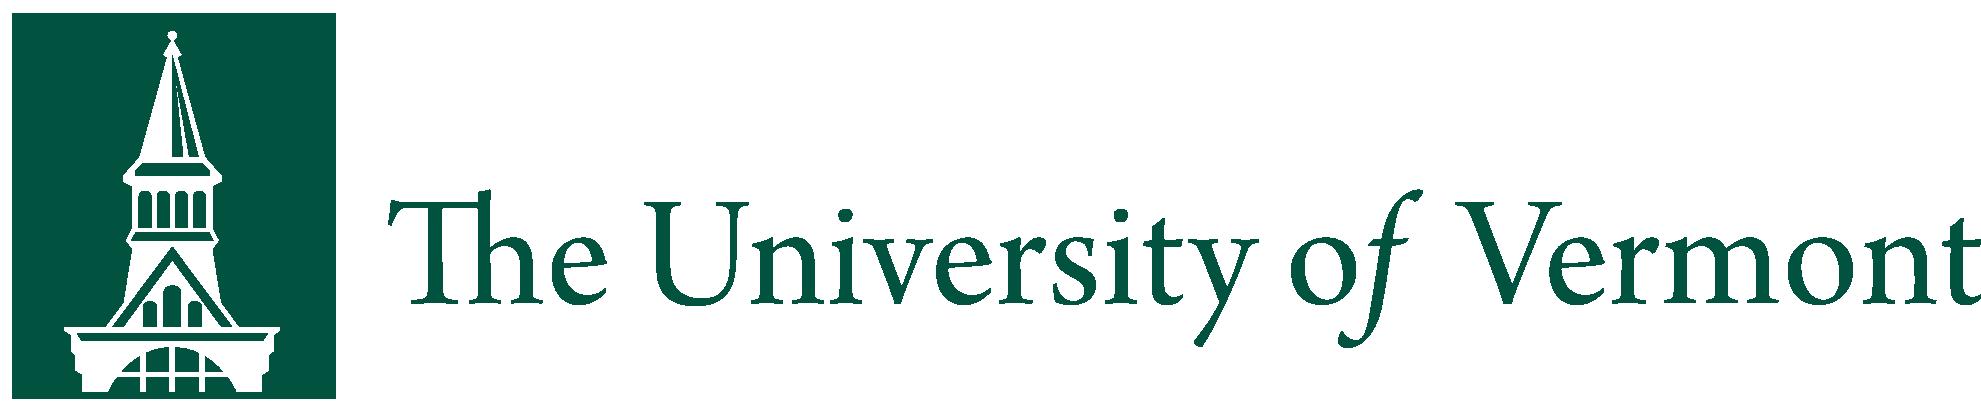 University-of-Vermont-Logo